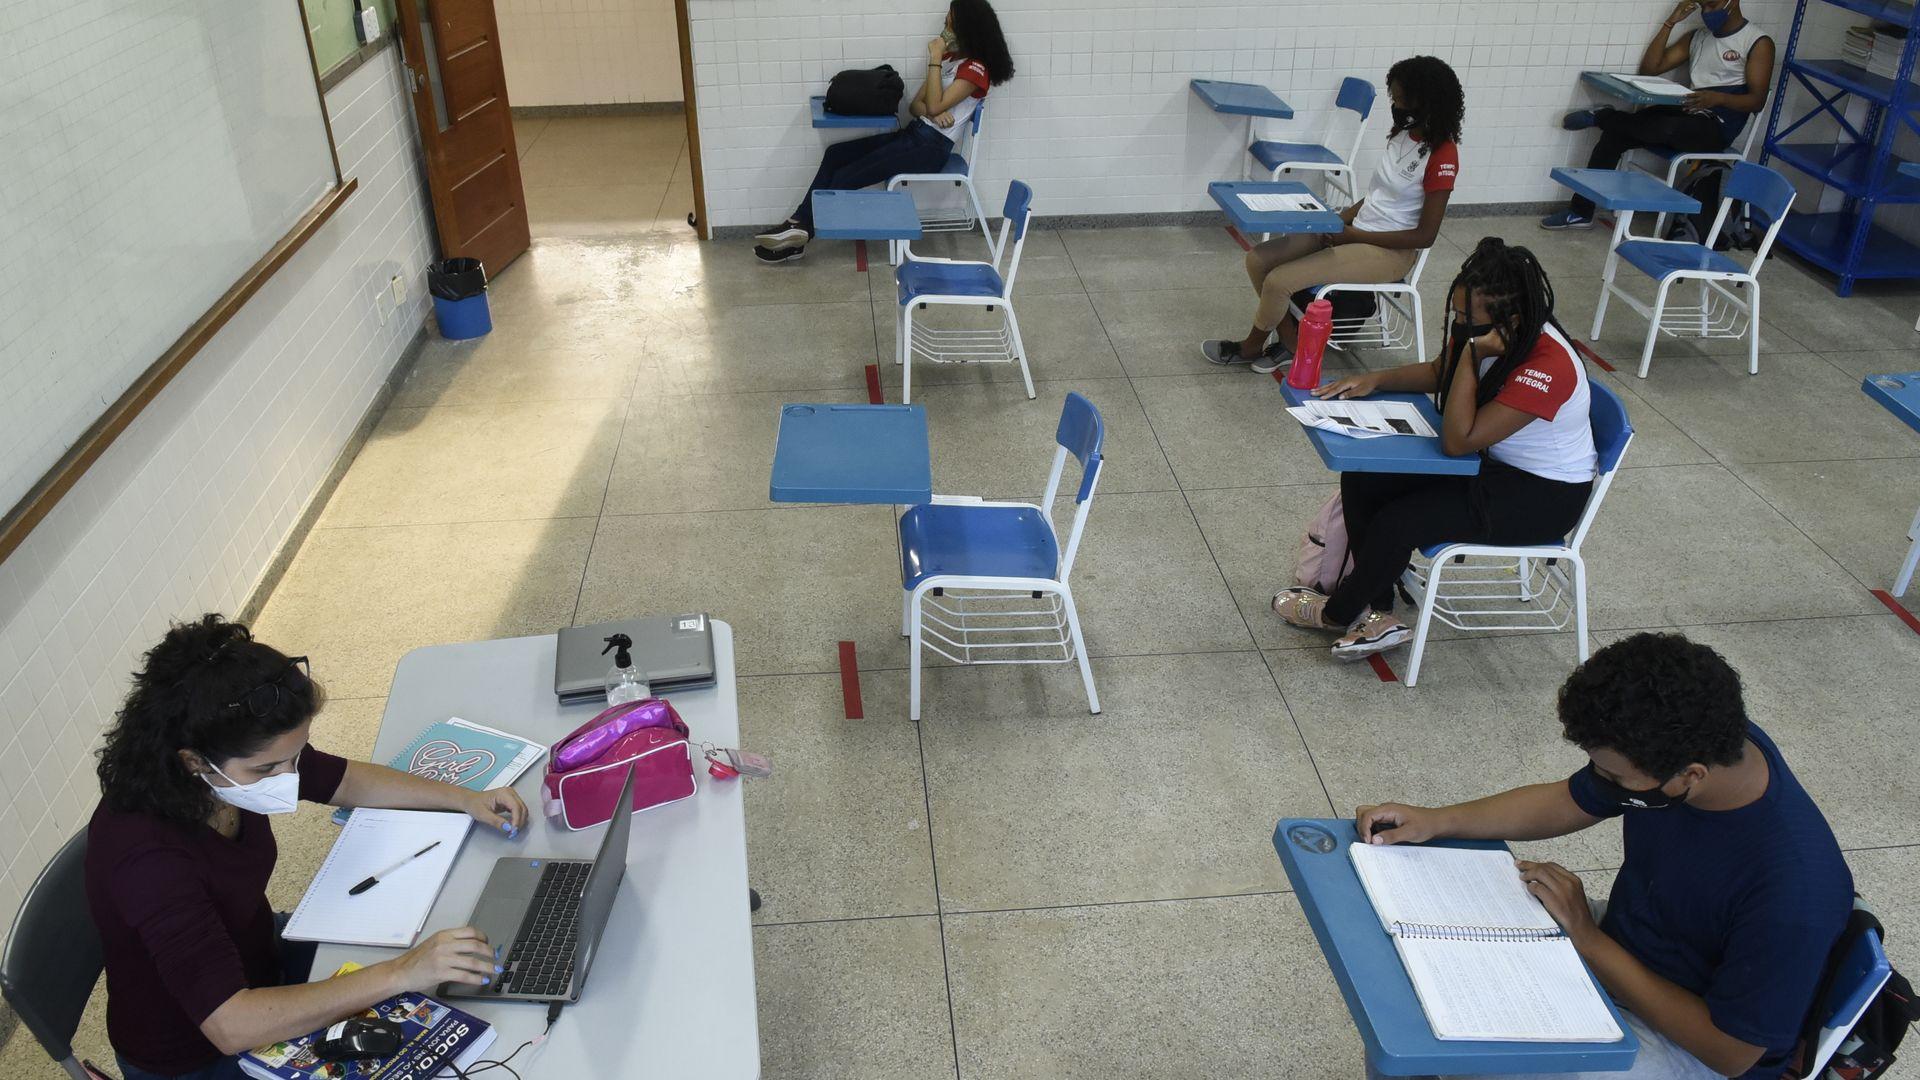 Presença dos estudantes não é obrigatória, mas quem vai precisa se manter distante do outro